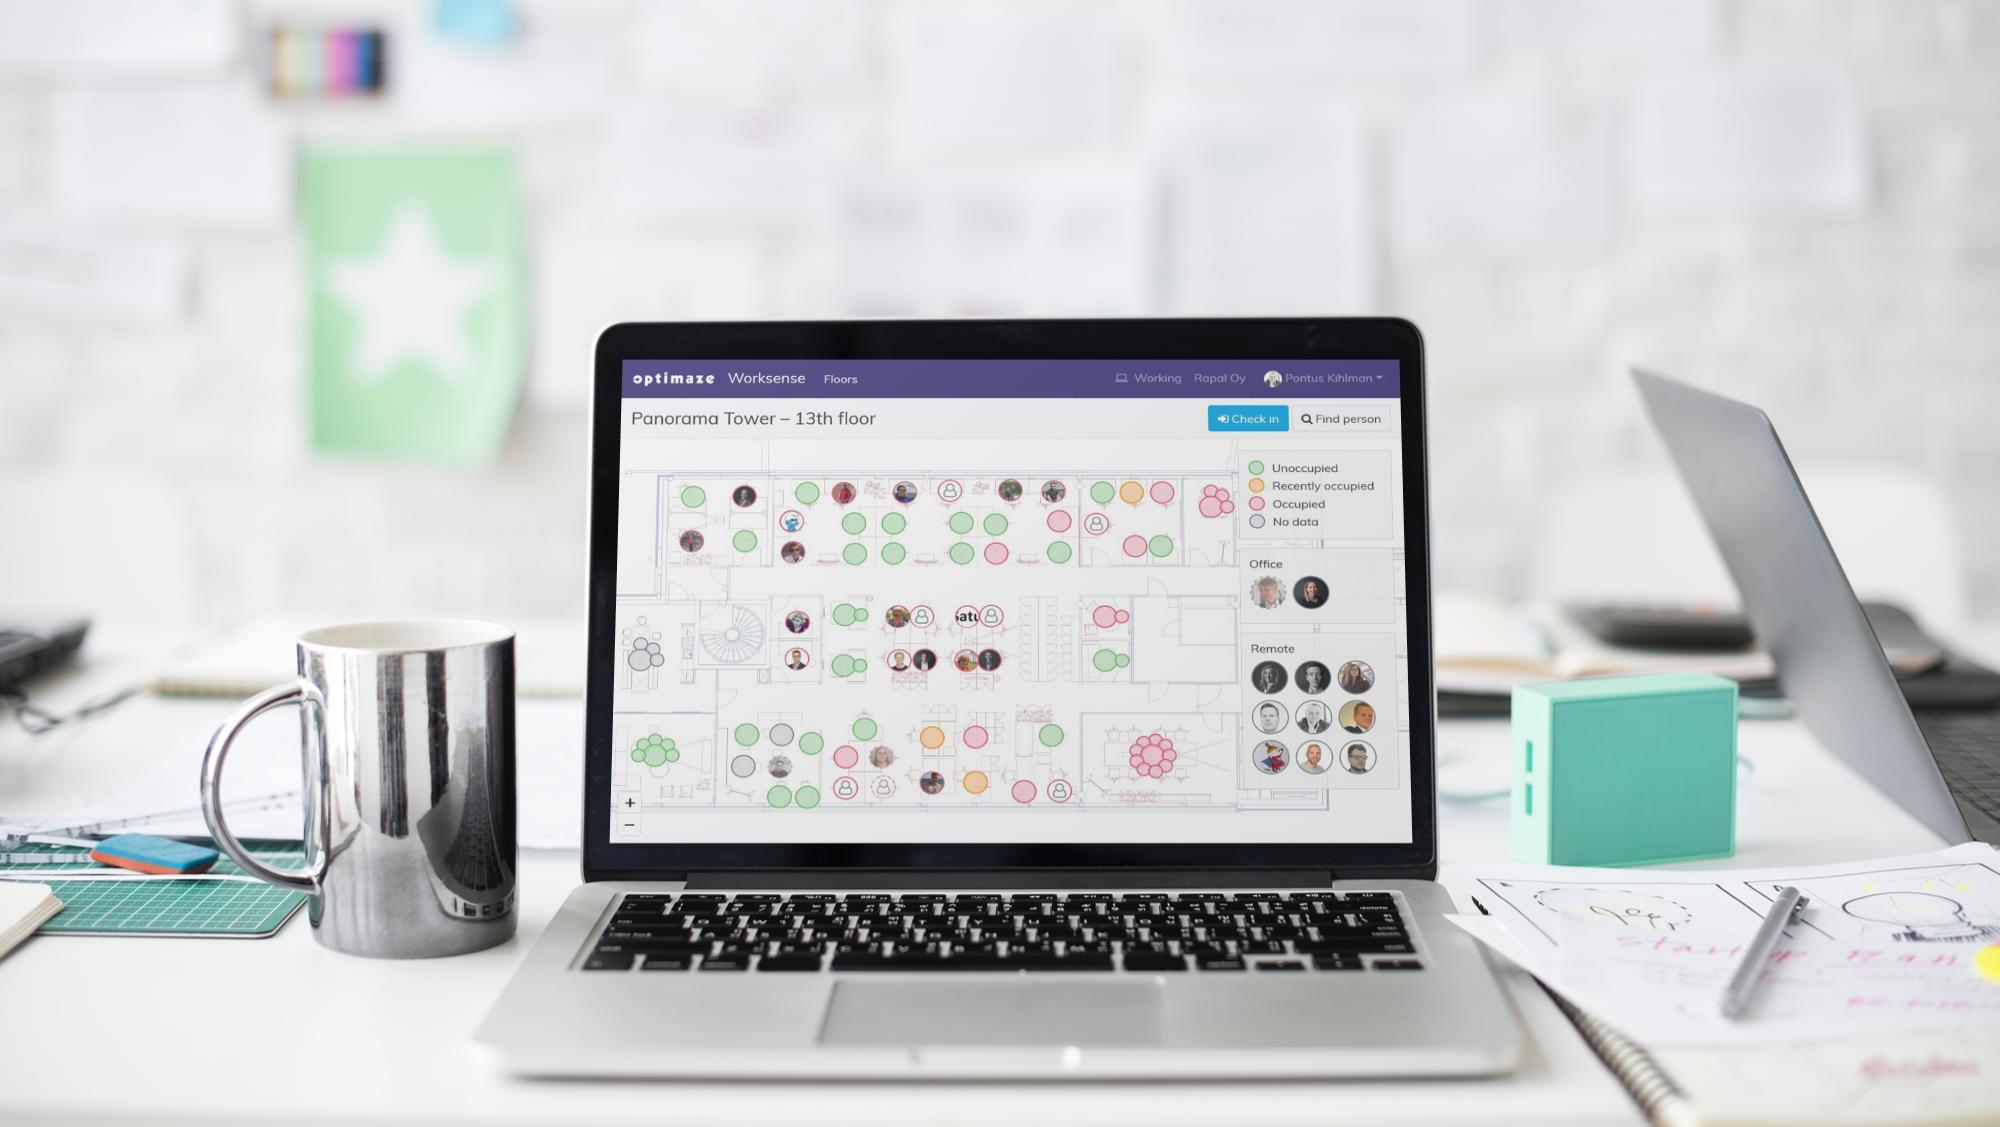 Varaa demo ja näet, kuinka Optimaze Worksense toimii aidossa työympäristössä.